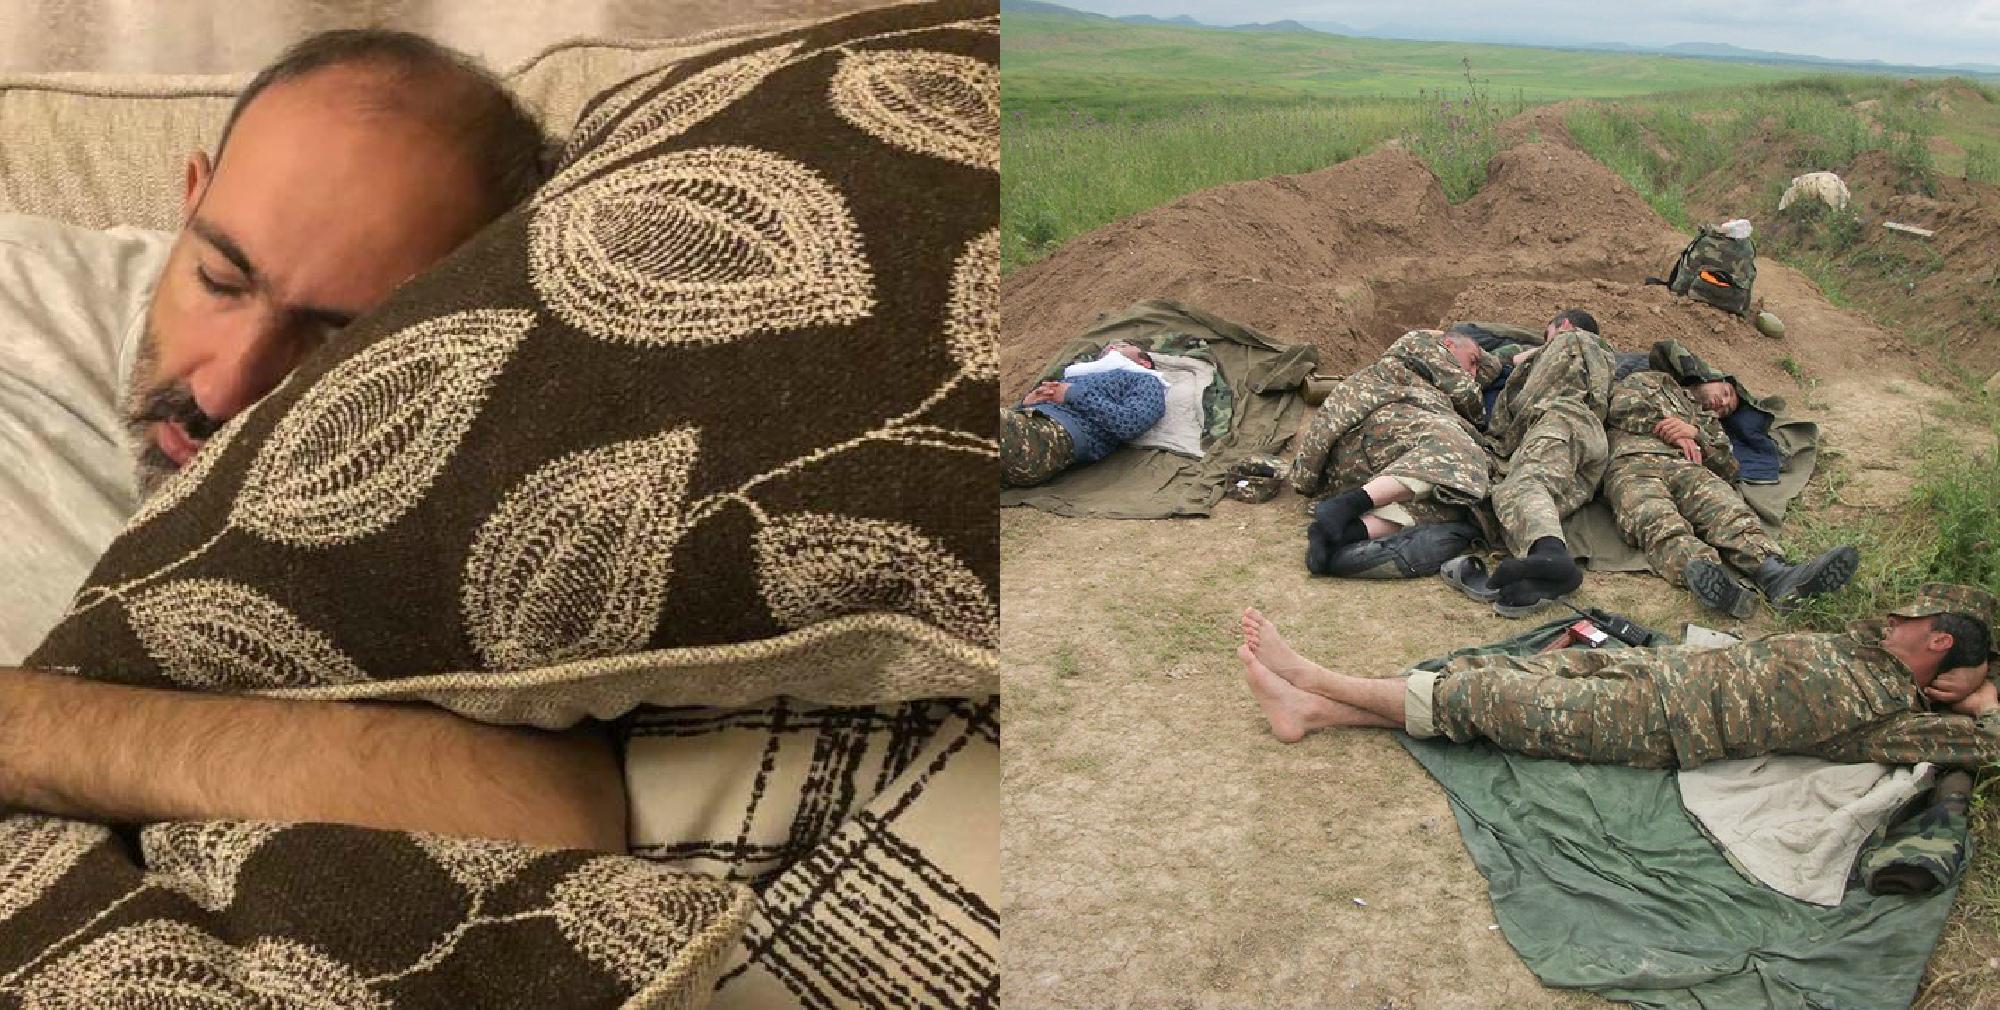 «24/7 աշխատելու հետեւանքը»...Տարբերությունը .... Պատերազմի մեջ ենք եղել, ռումբերի,արեւի ու անձրևի տակ, խոնավ անտառներում ենք փորձել քնել